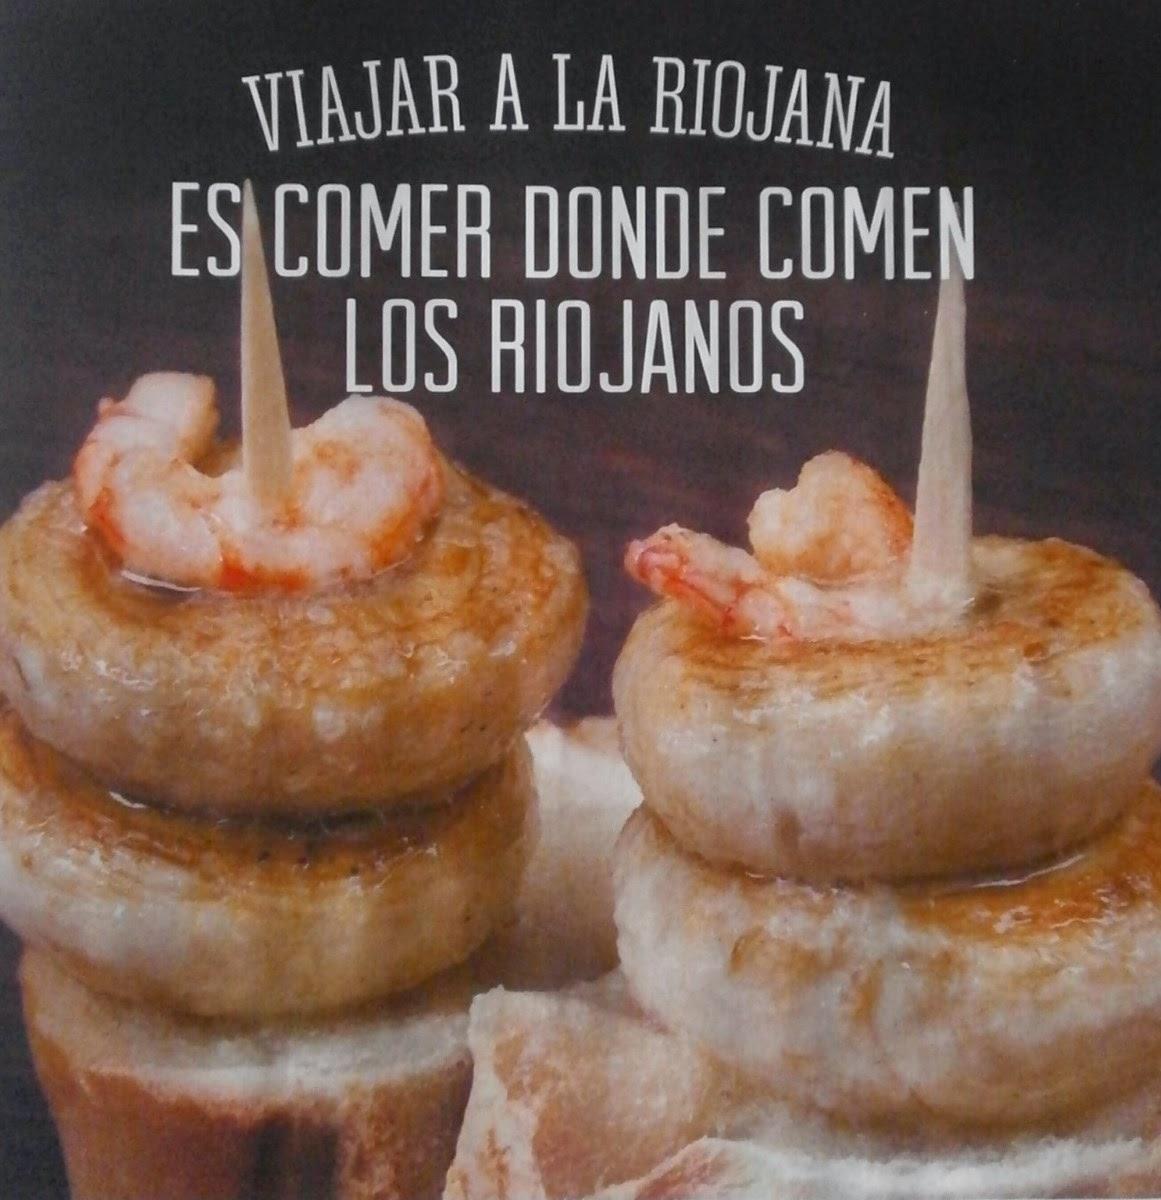 La Rioja, Apetece